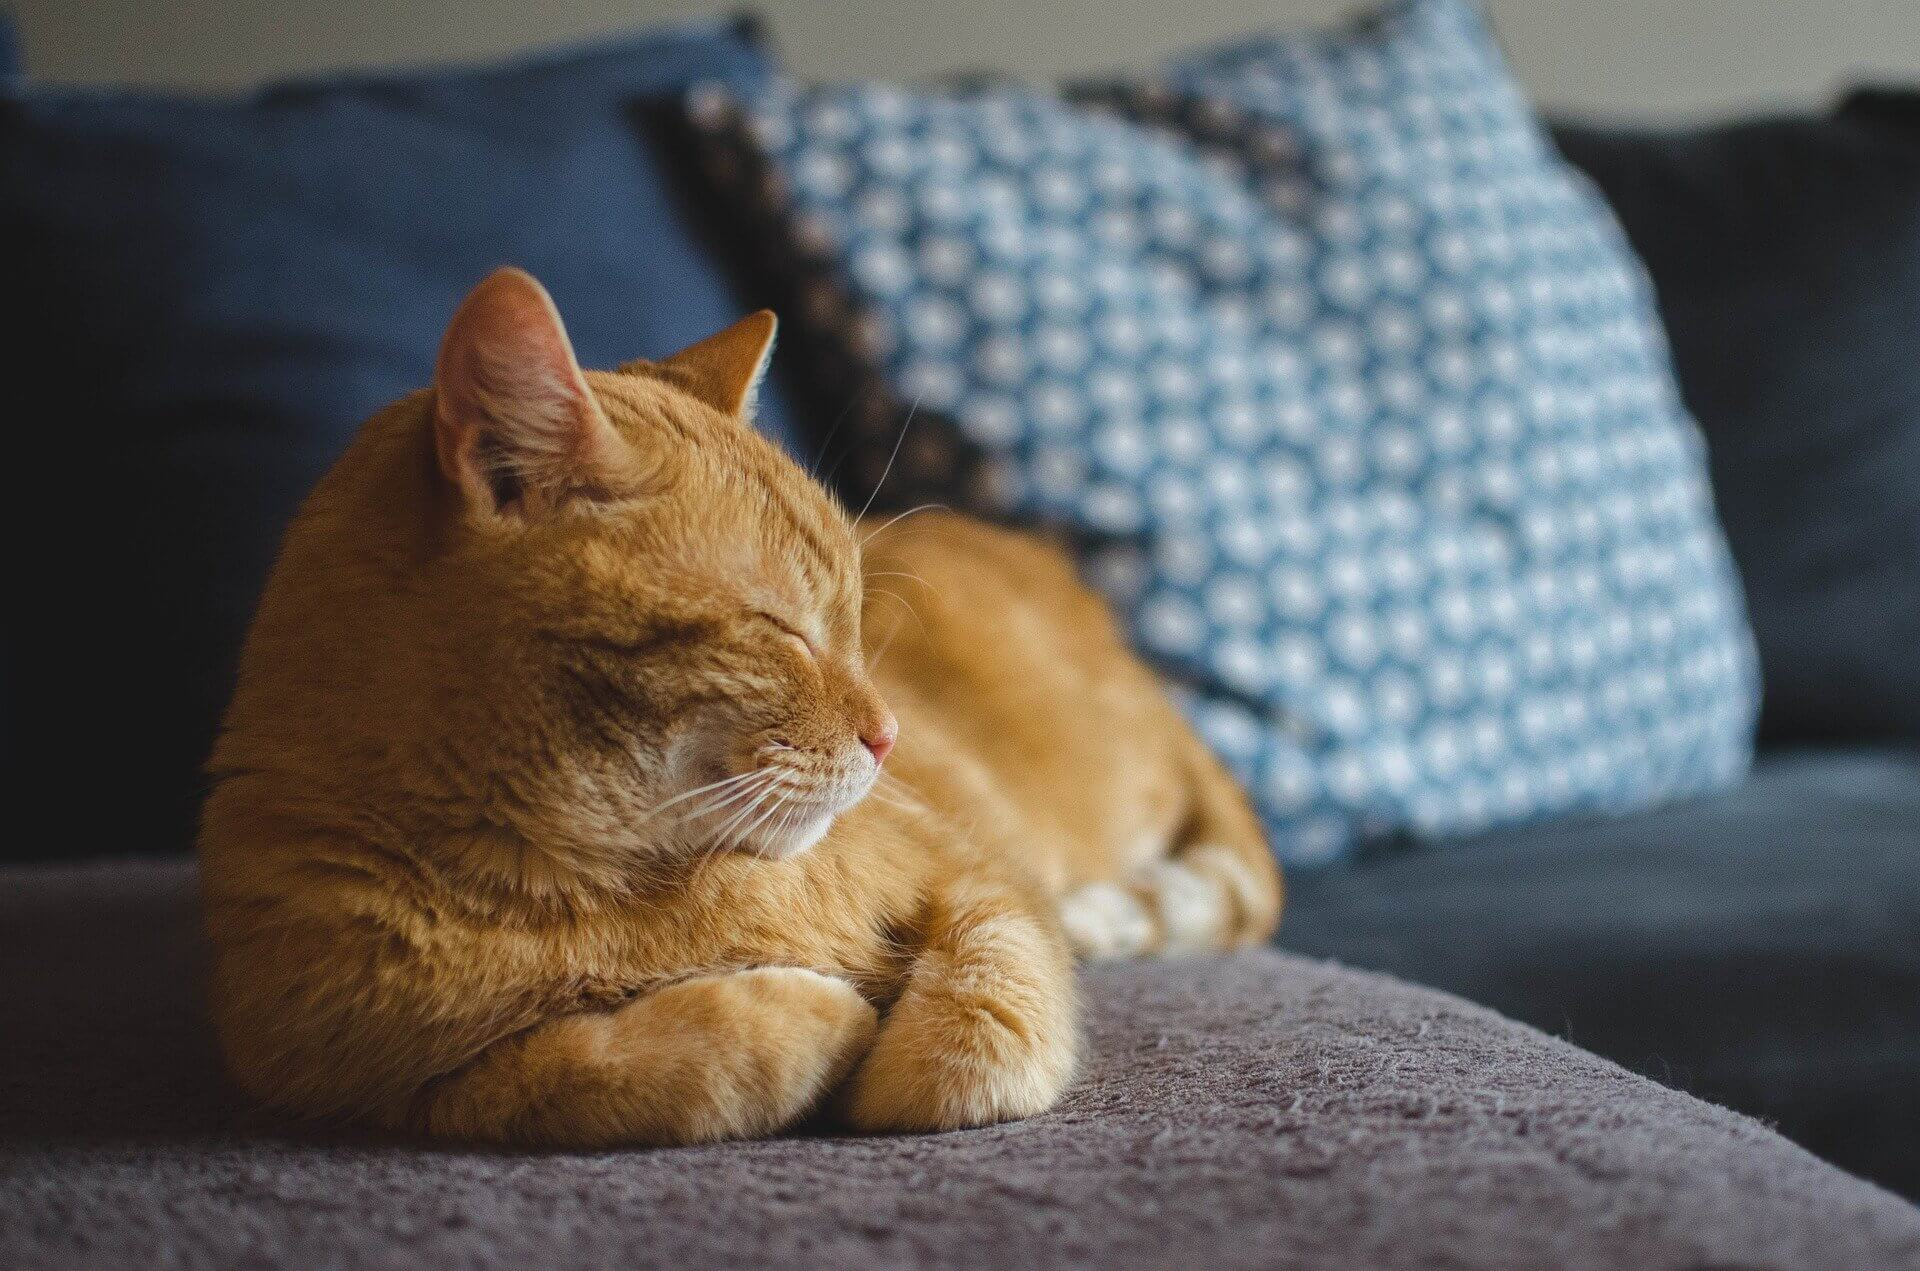 貓咪的獨立自主、溫暖陪伴,吸引了無數貓奴甘願成為鏟屎官